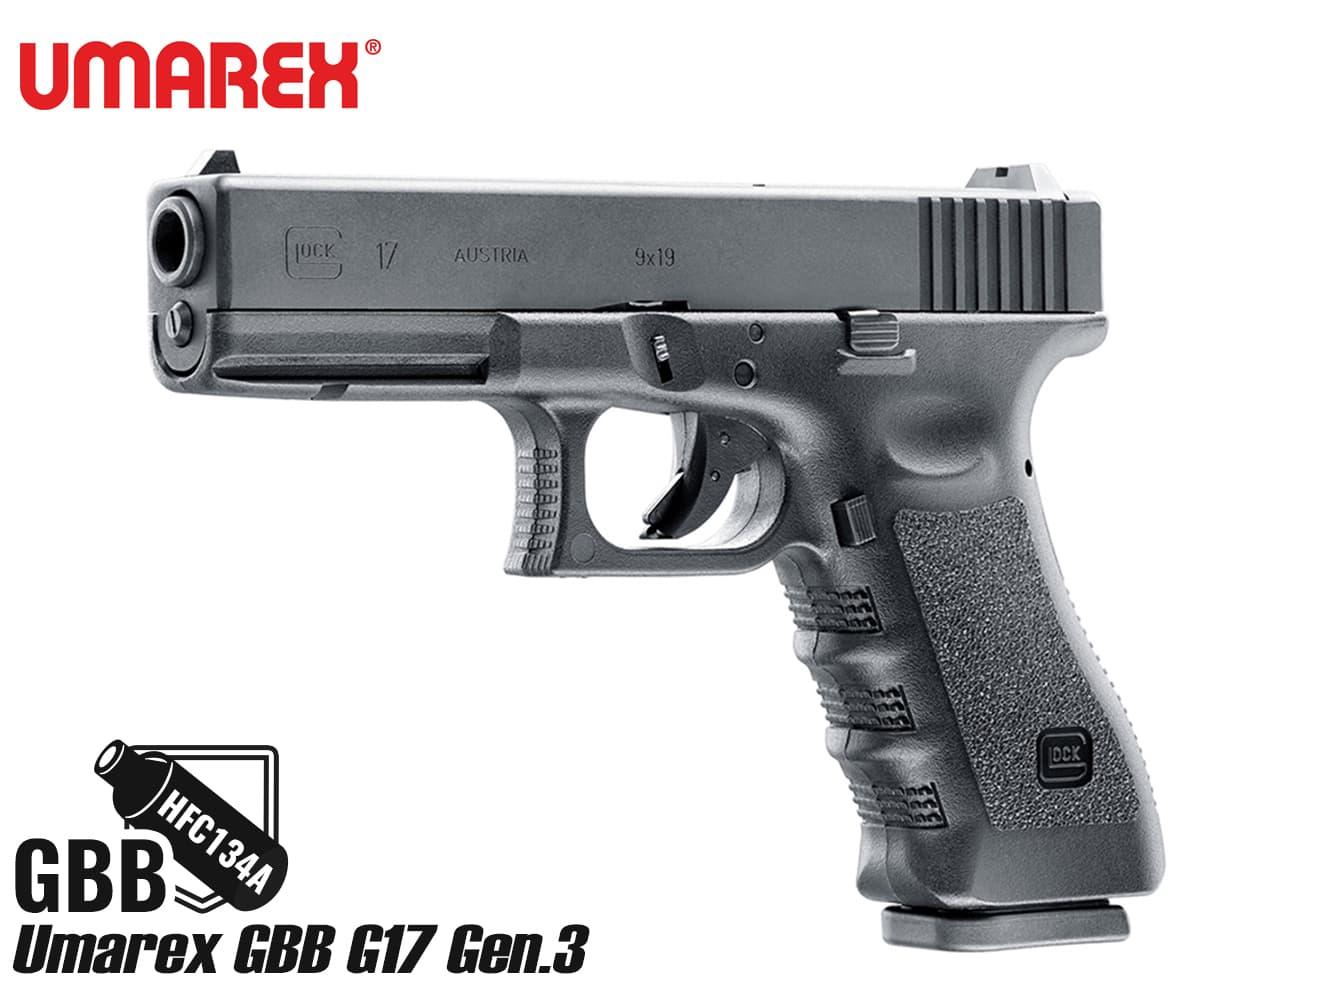 【送料無料】Umarex ガスブローバック グロック G17 Gen.3◆ウマレックス/ユーマレックス/GLOCK/正規品/18才以上対象/ガスブロ/GBB